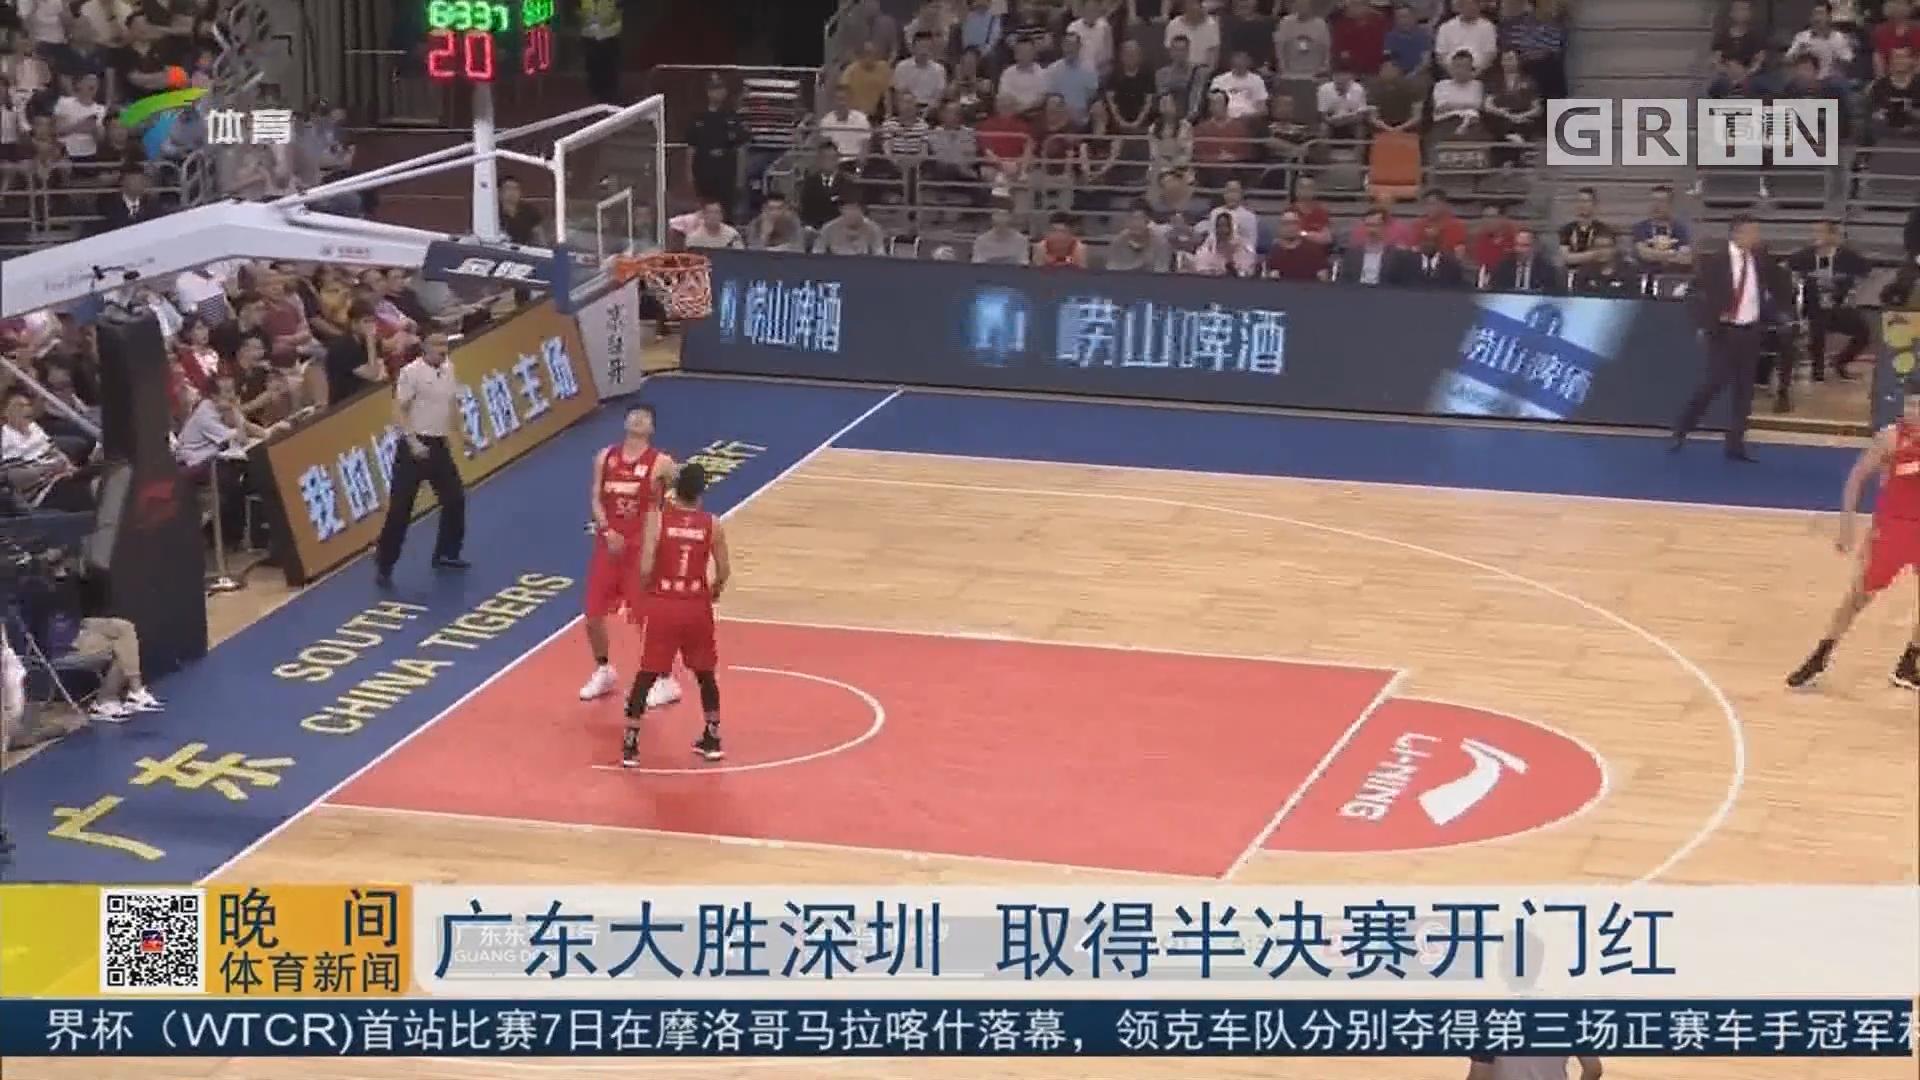 广东大胜深圳 取得半决赛开门红(二)